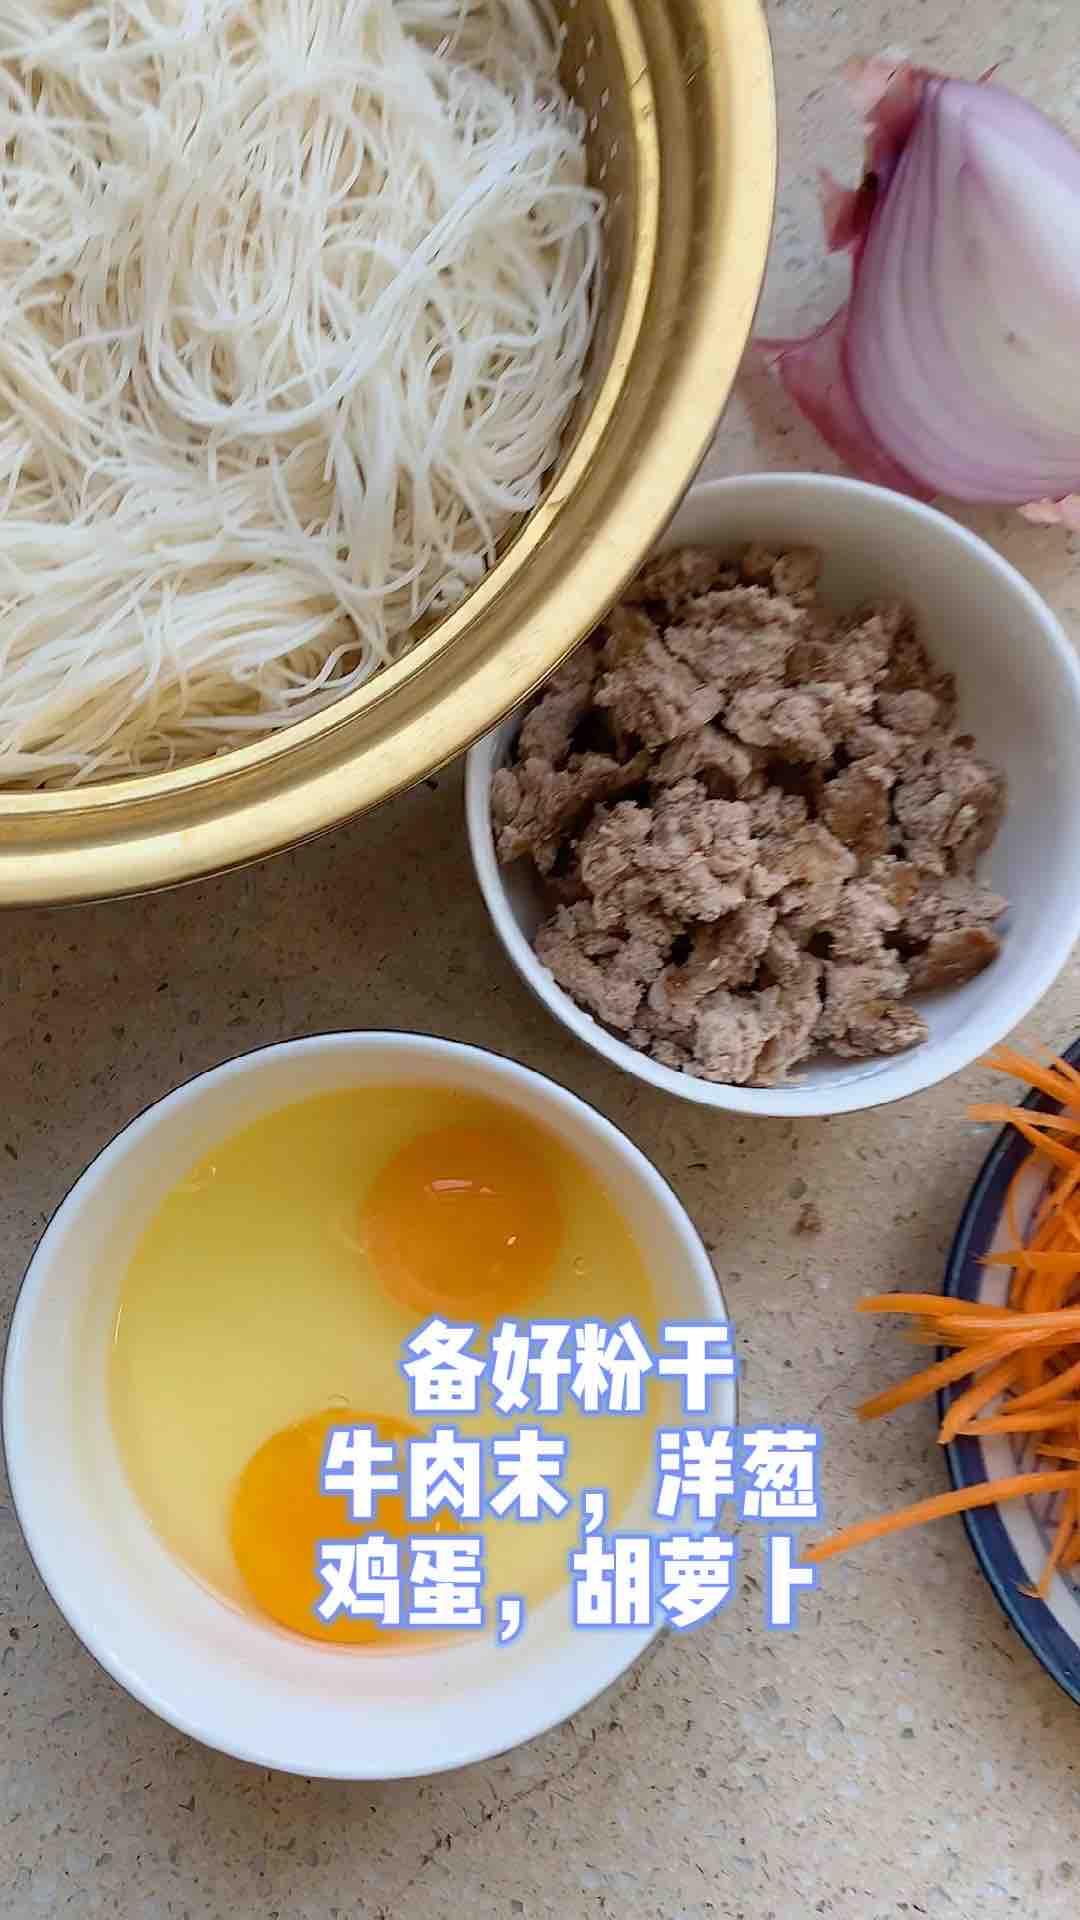 牛肉洋葱炒粉的做法大全